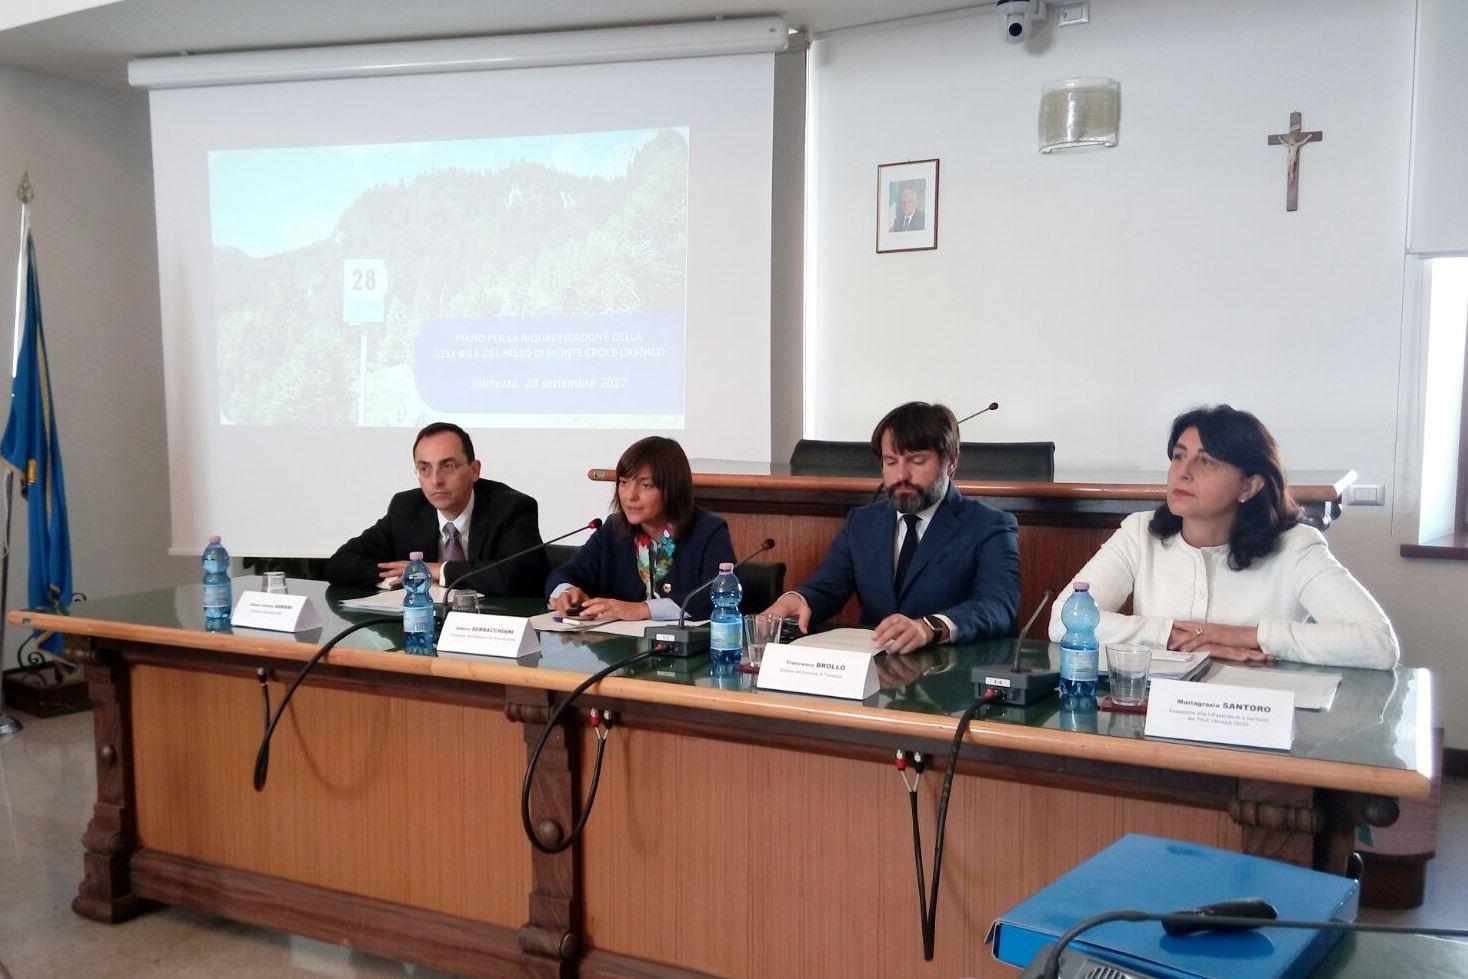 Tolmezzo: Piano SS52 bis e passo di Monte Croce Carnico